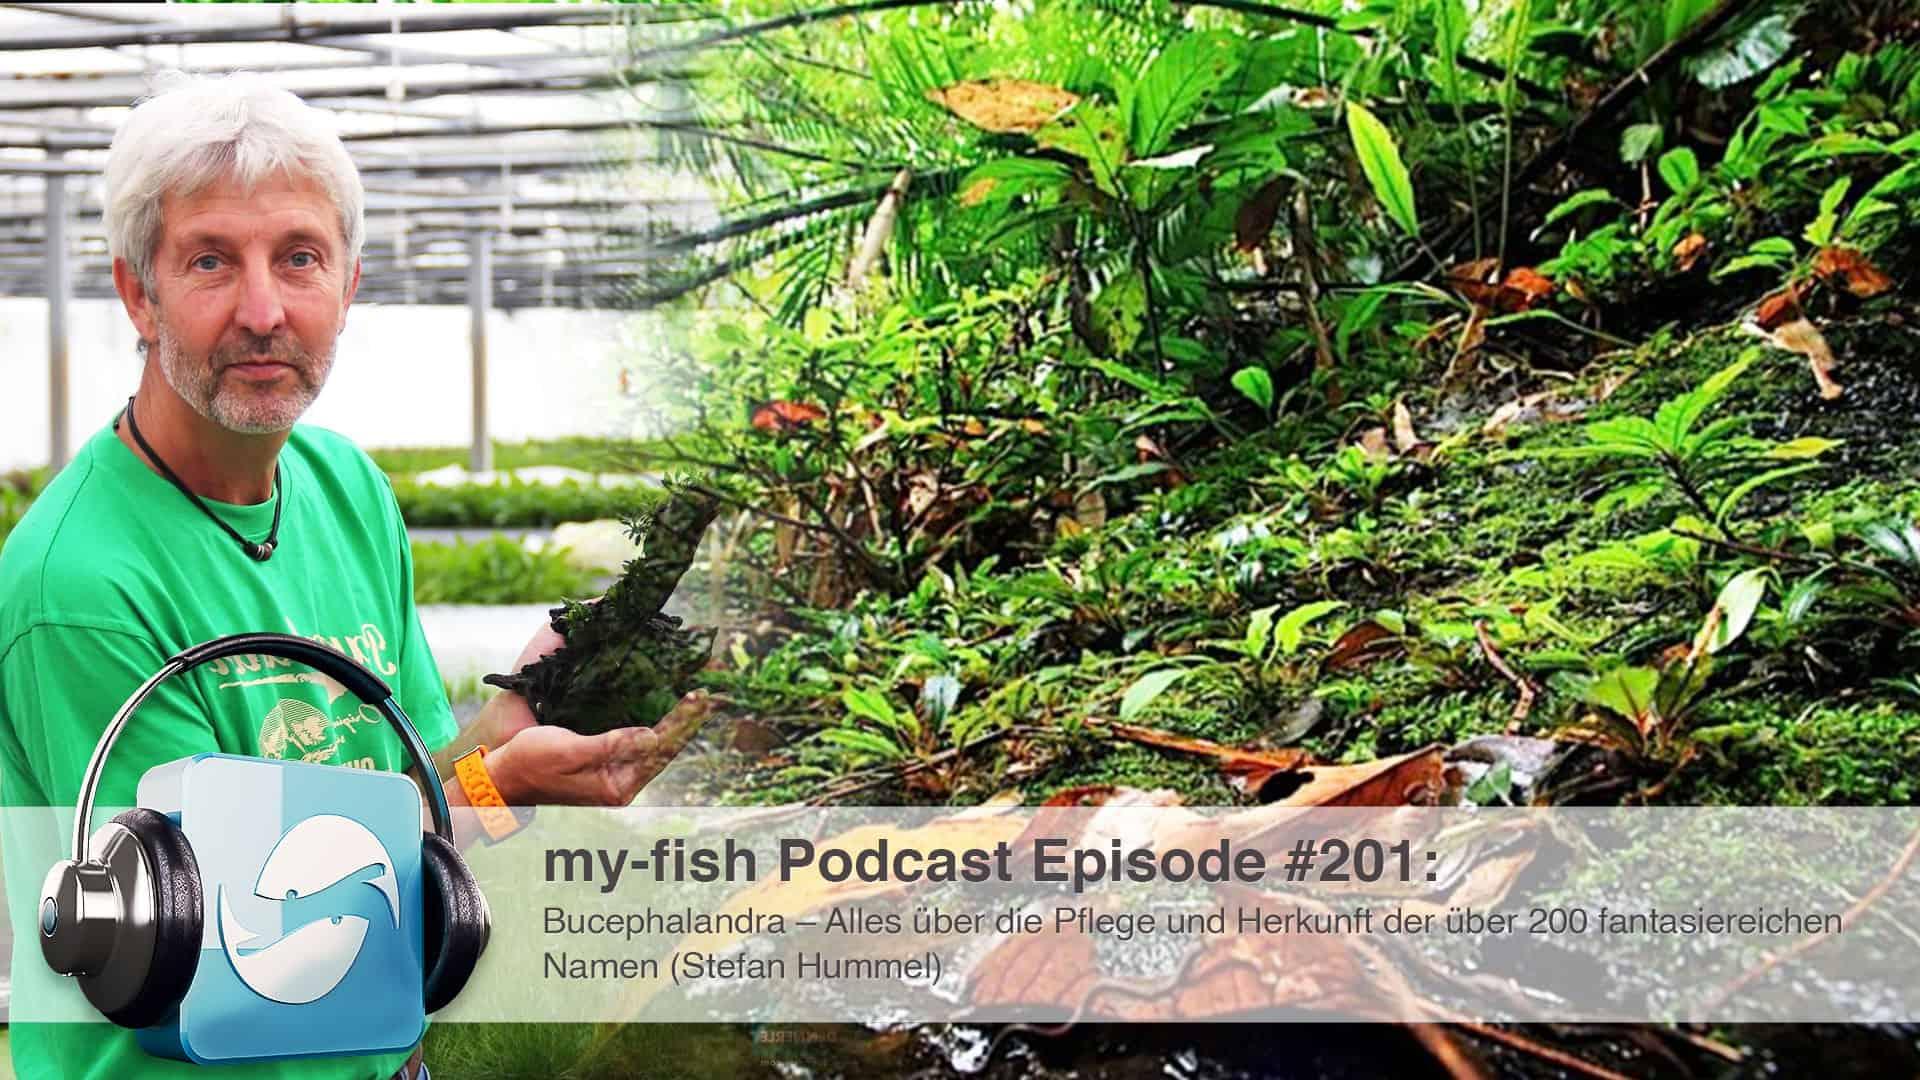 Podcast Episode #201: Bucephalandra – Alles über die Pflege und Herkunft der über 200 fantasiereichen Namen (Stefan Hummel) 1